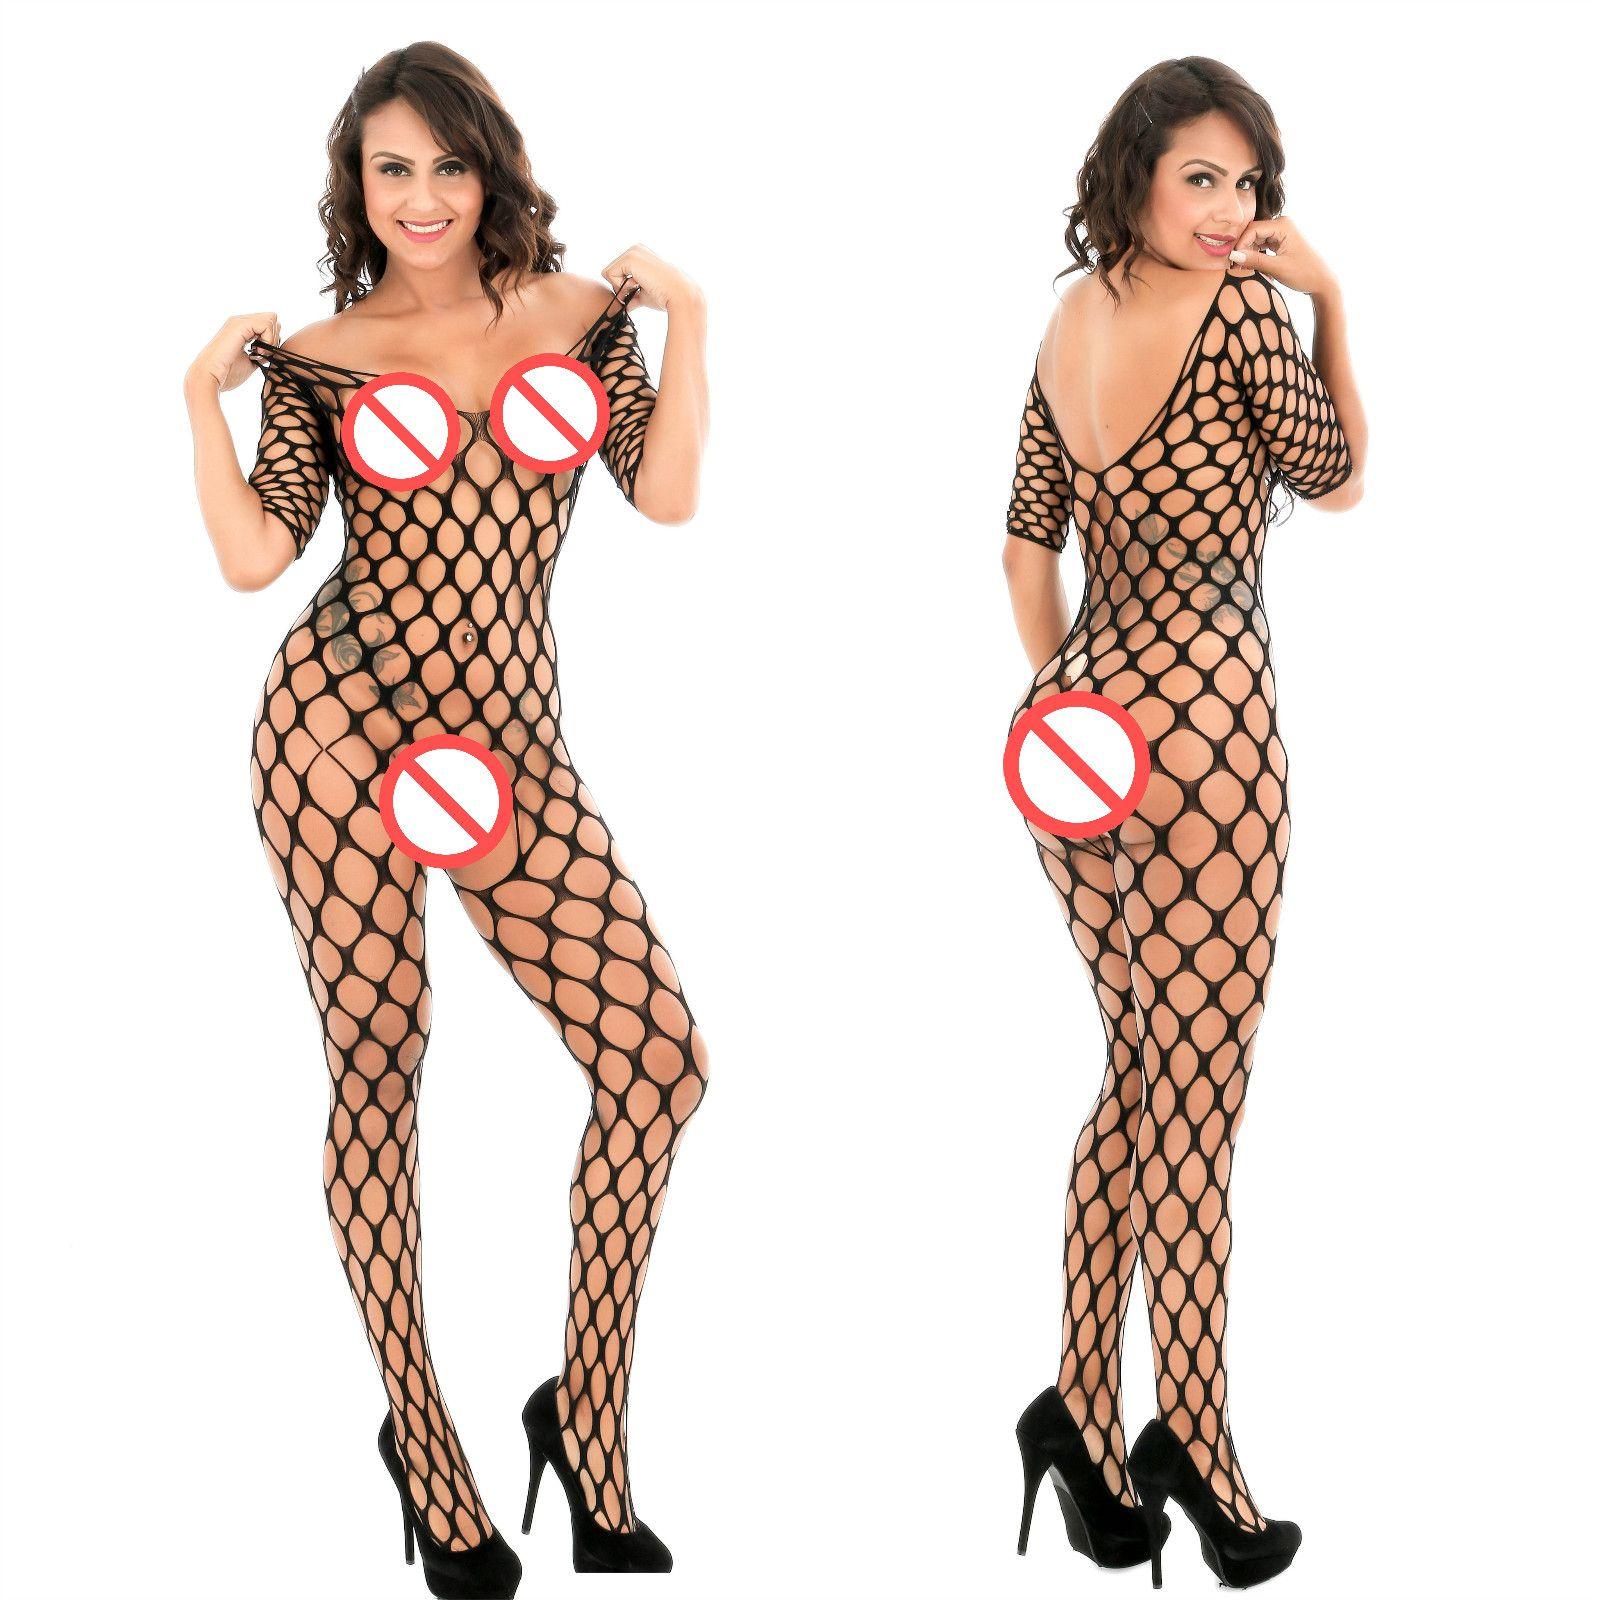 Половина рукава большой ажурные нижнее белье Sexy выдалбливают Bodystocking боди эротические пижамы ночное белье Langerie колготки фетиш